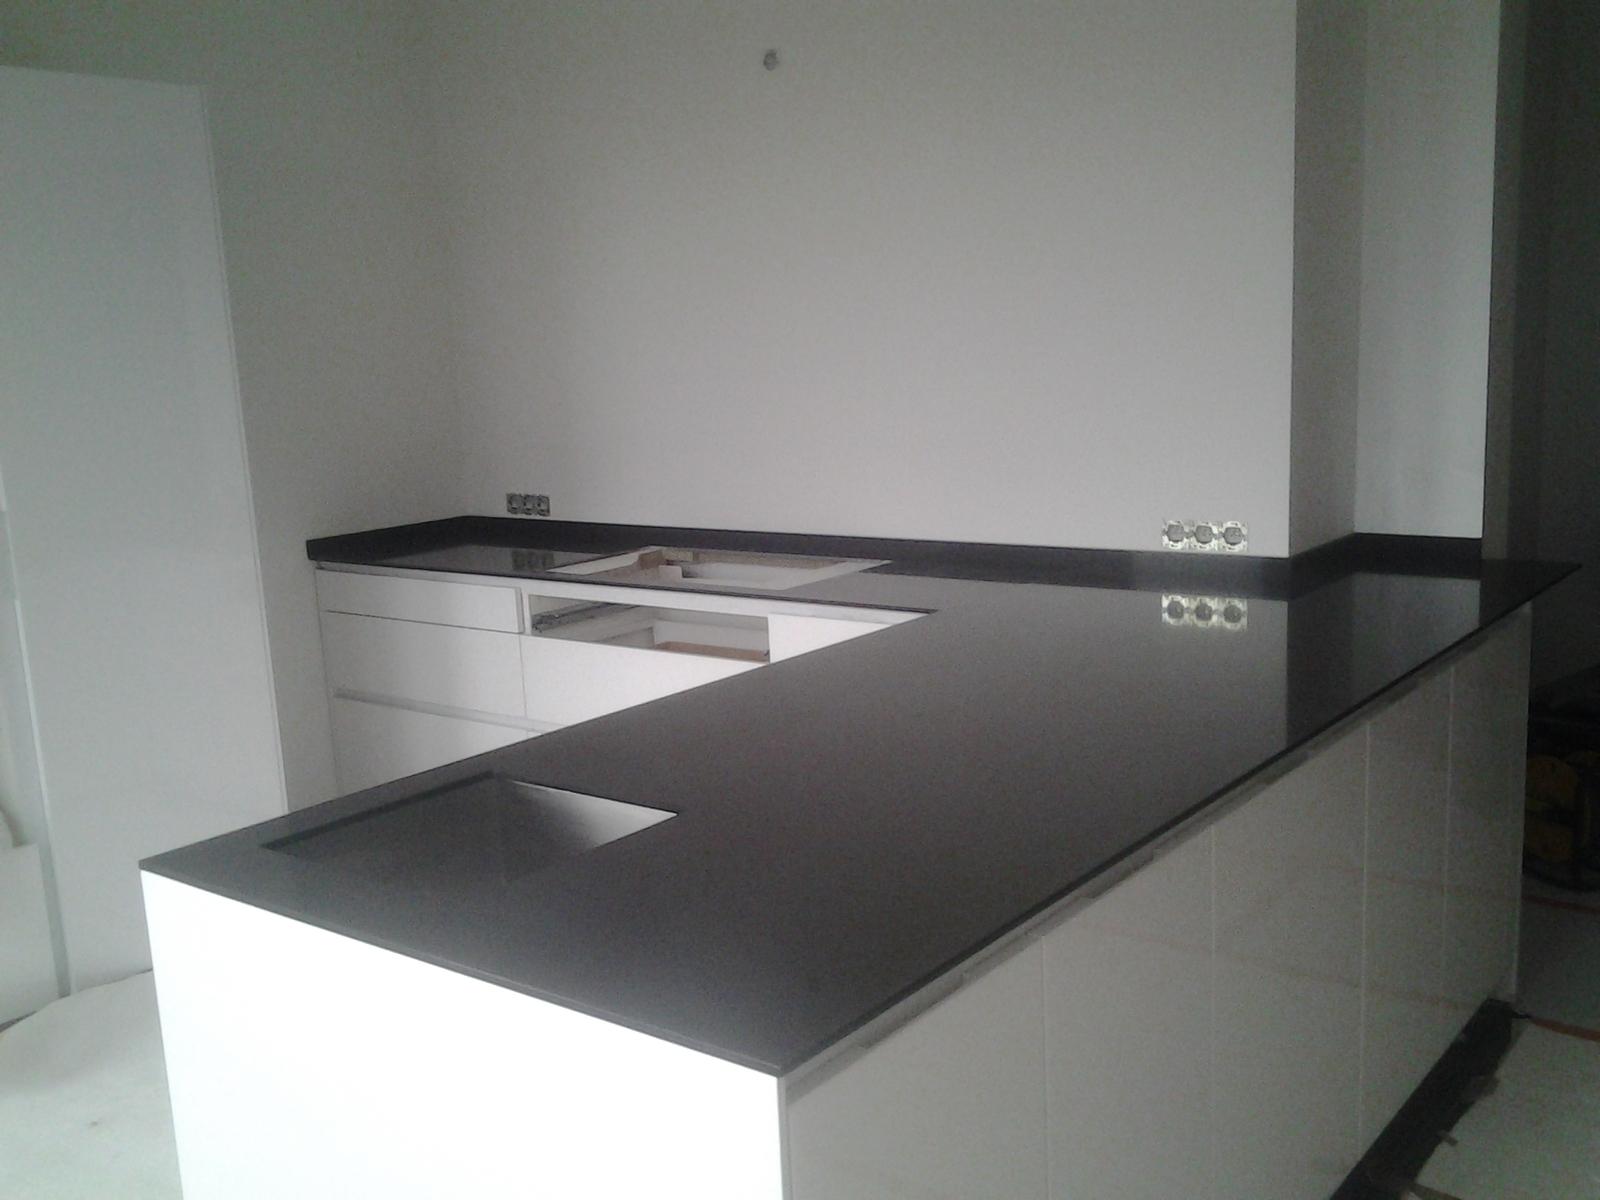 tablette de radiateur marbre support radiateur castorama avec fixation pour etagere invisible. Black Bedroom Furniture Sets. Home Design Ideas